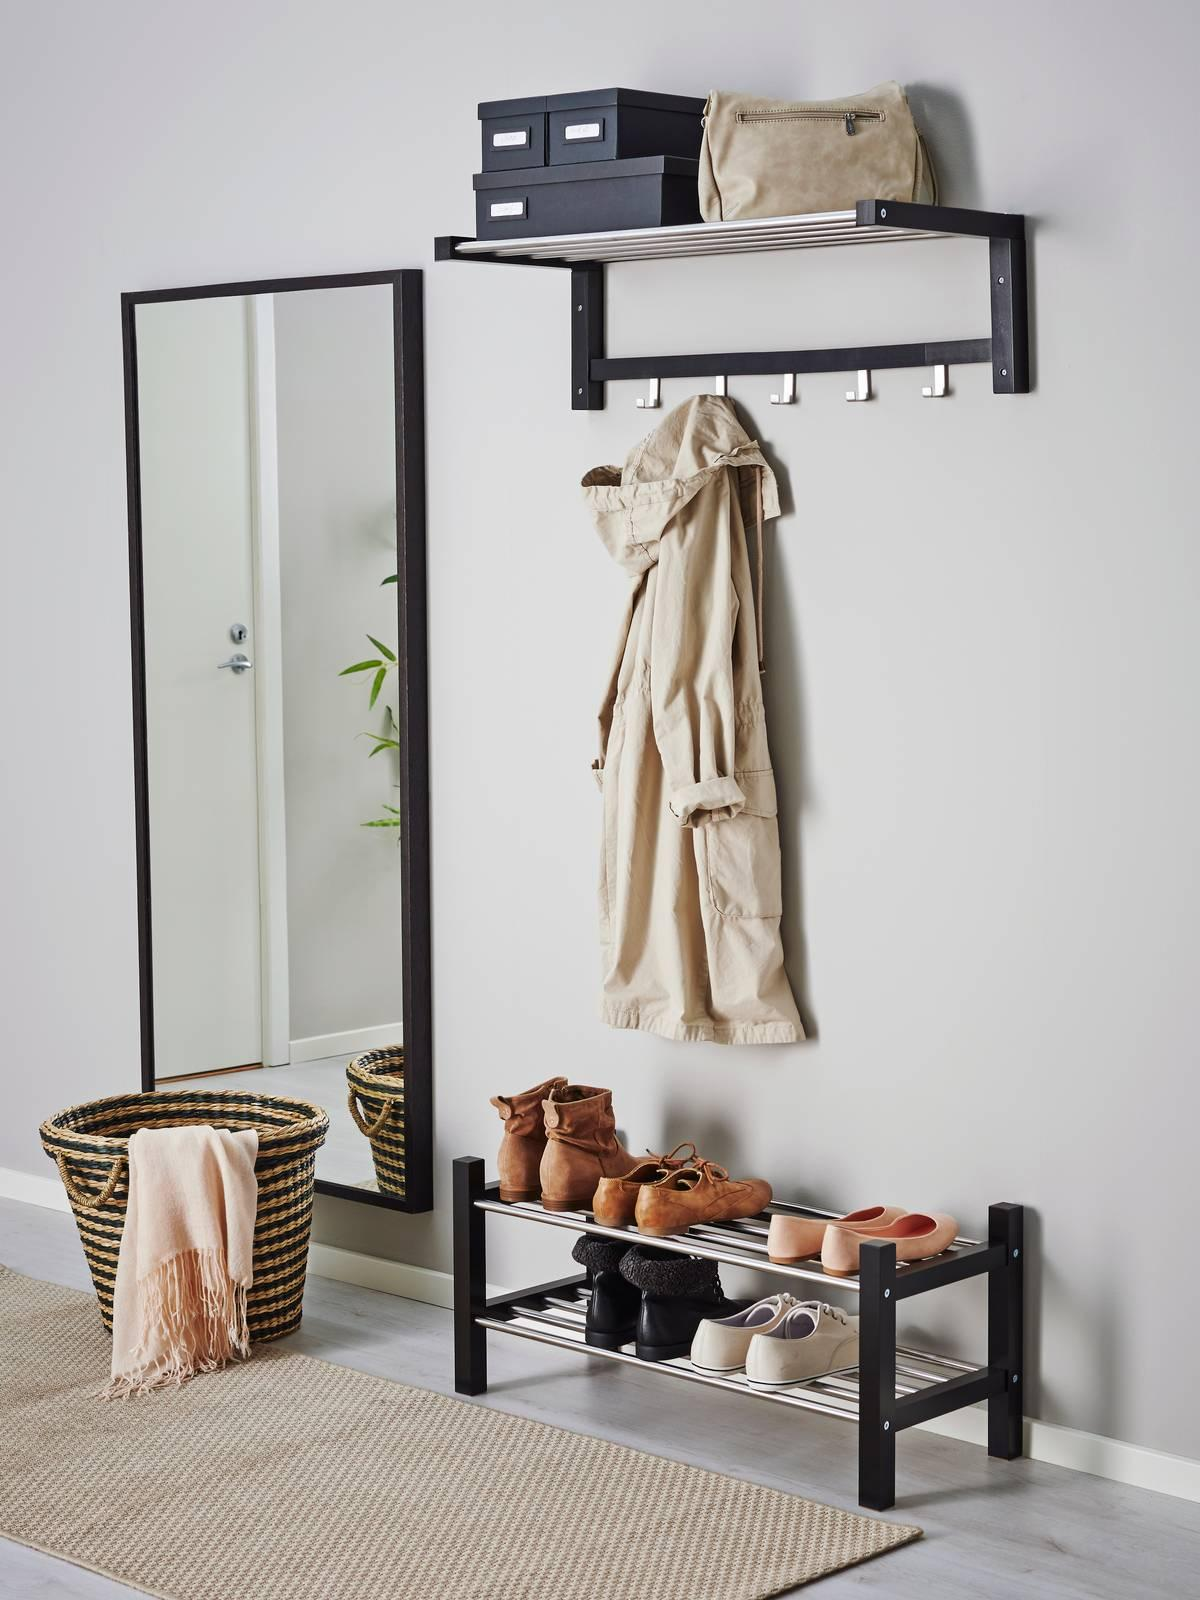 scarpiera un mobile dai mille volti cose di casa. Black Bedroom Furniture Sets. Home Design Ideas